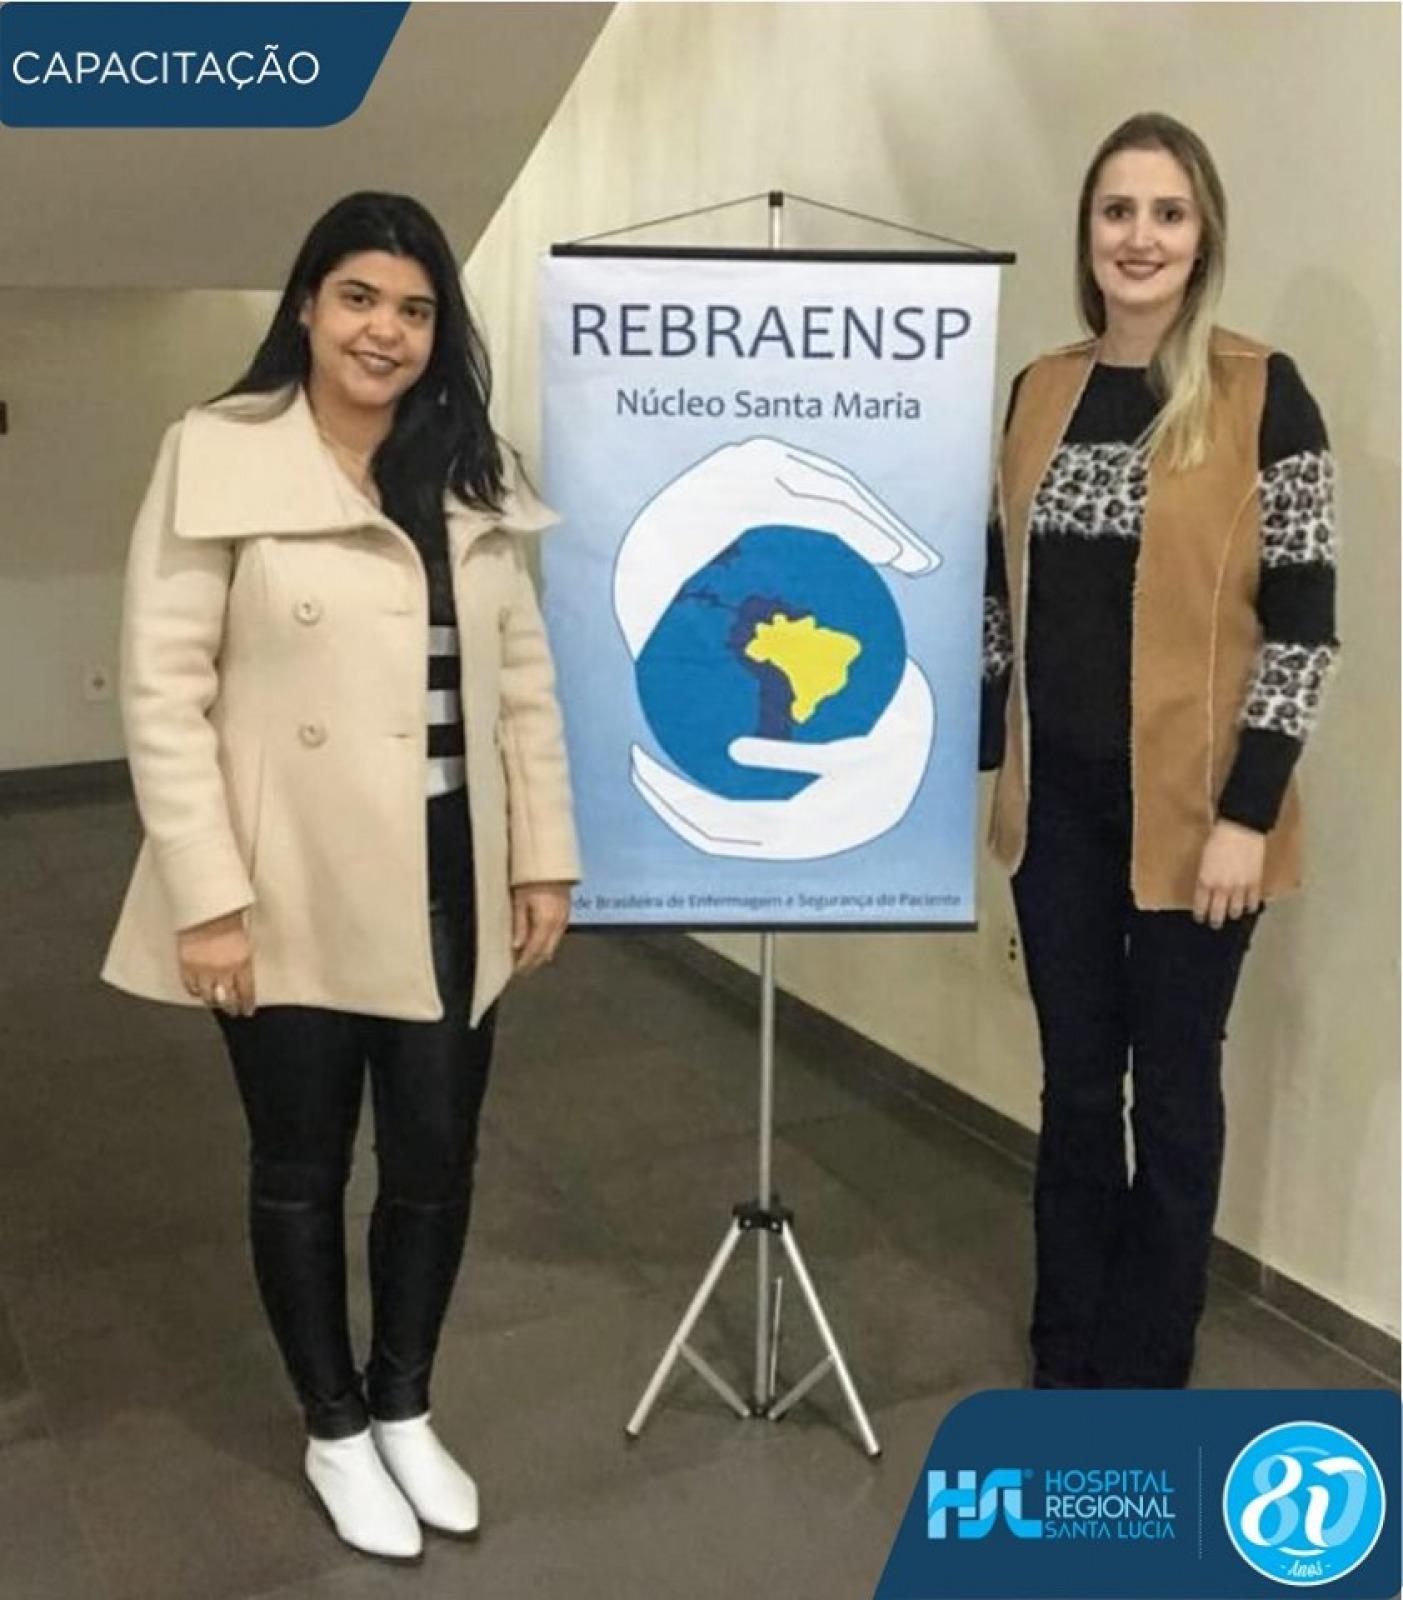 III Encontro da Rede Brasileira de Enfermagem e Segurança do Paciente – REBRAENSP